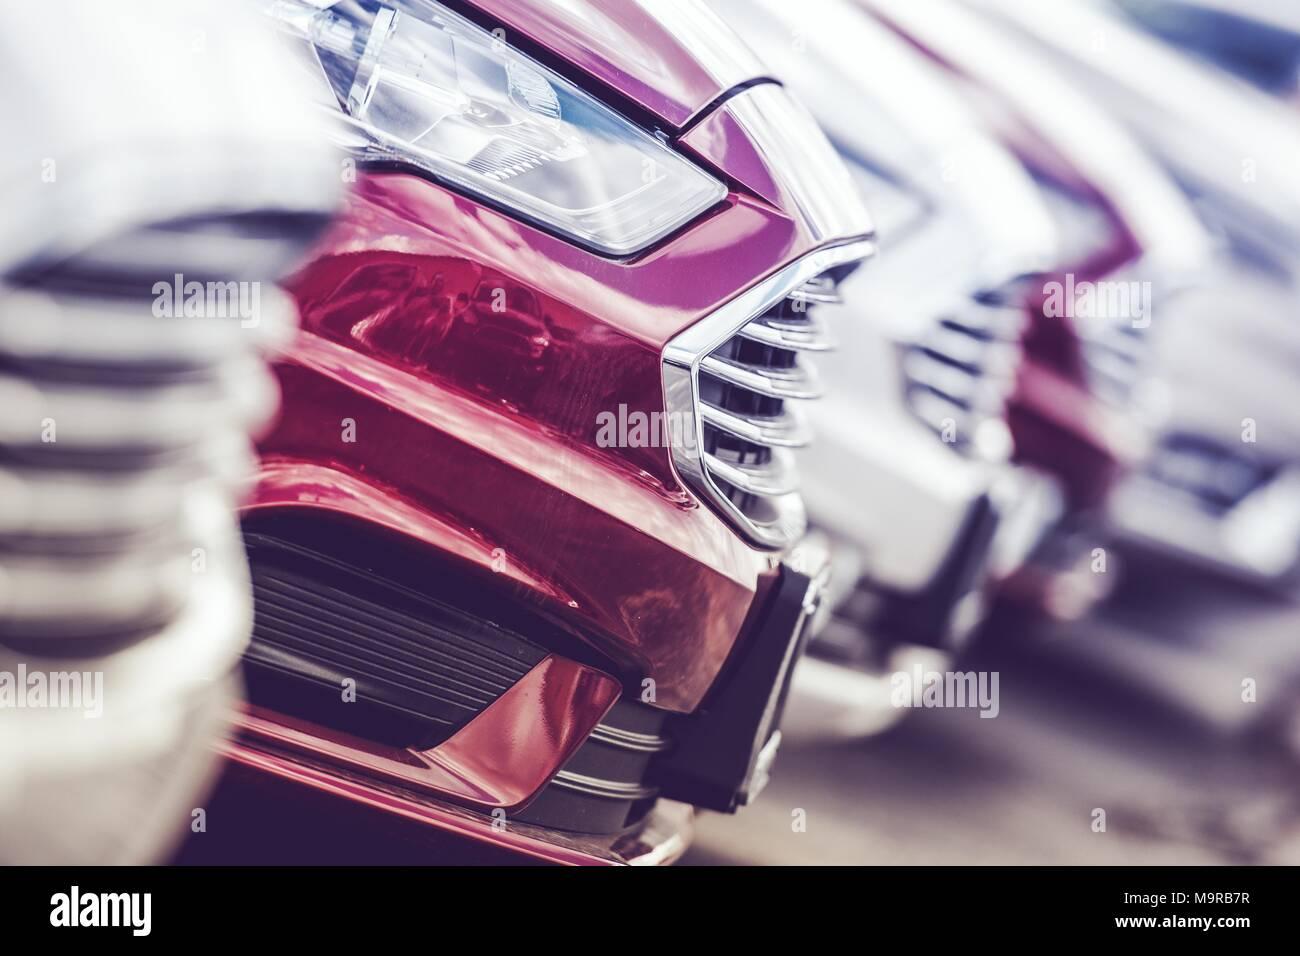 Concept de l'industrie automobile. Nouvelle ligne de production de voitures. De tout nouveaux véhicules sur le lot d'usine. Photo Stock